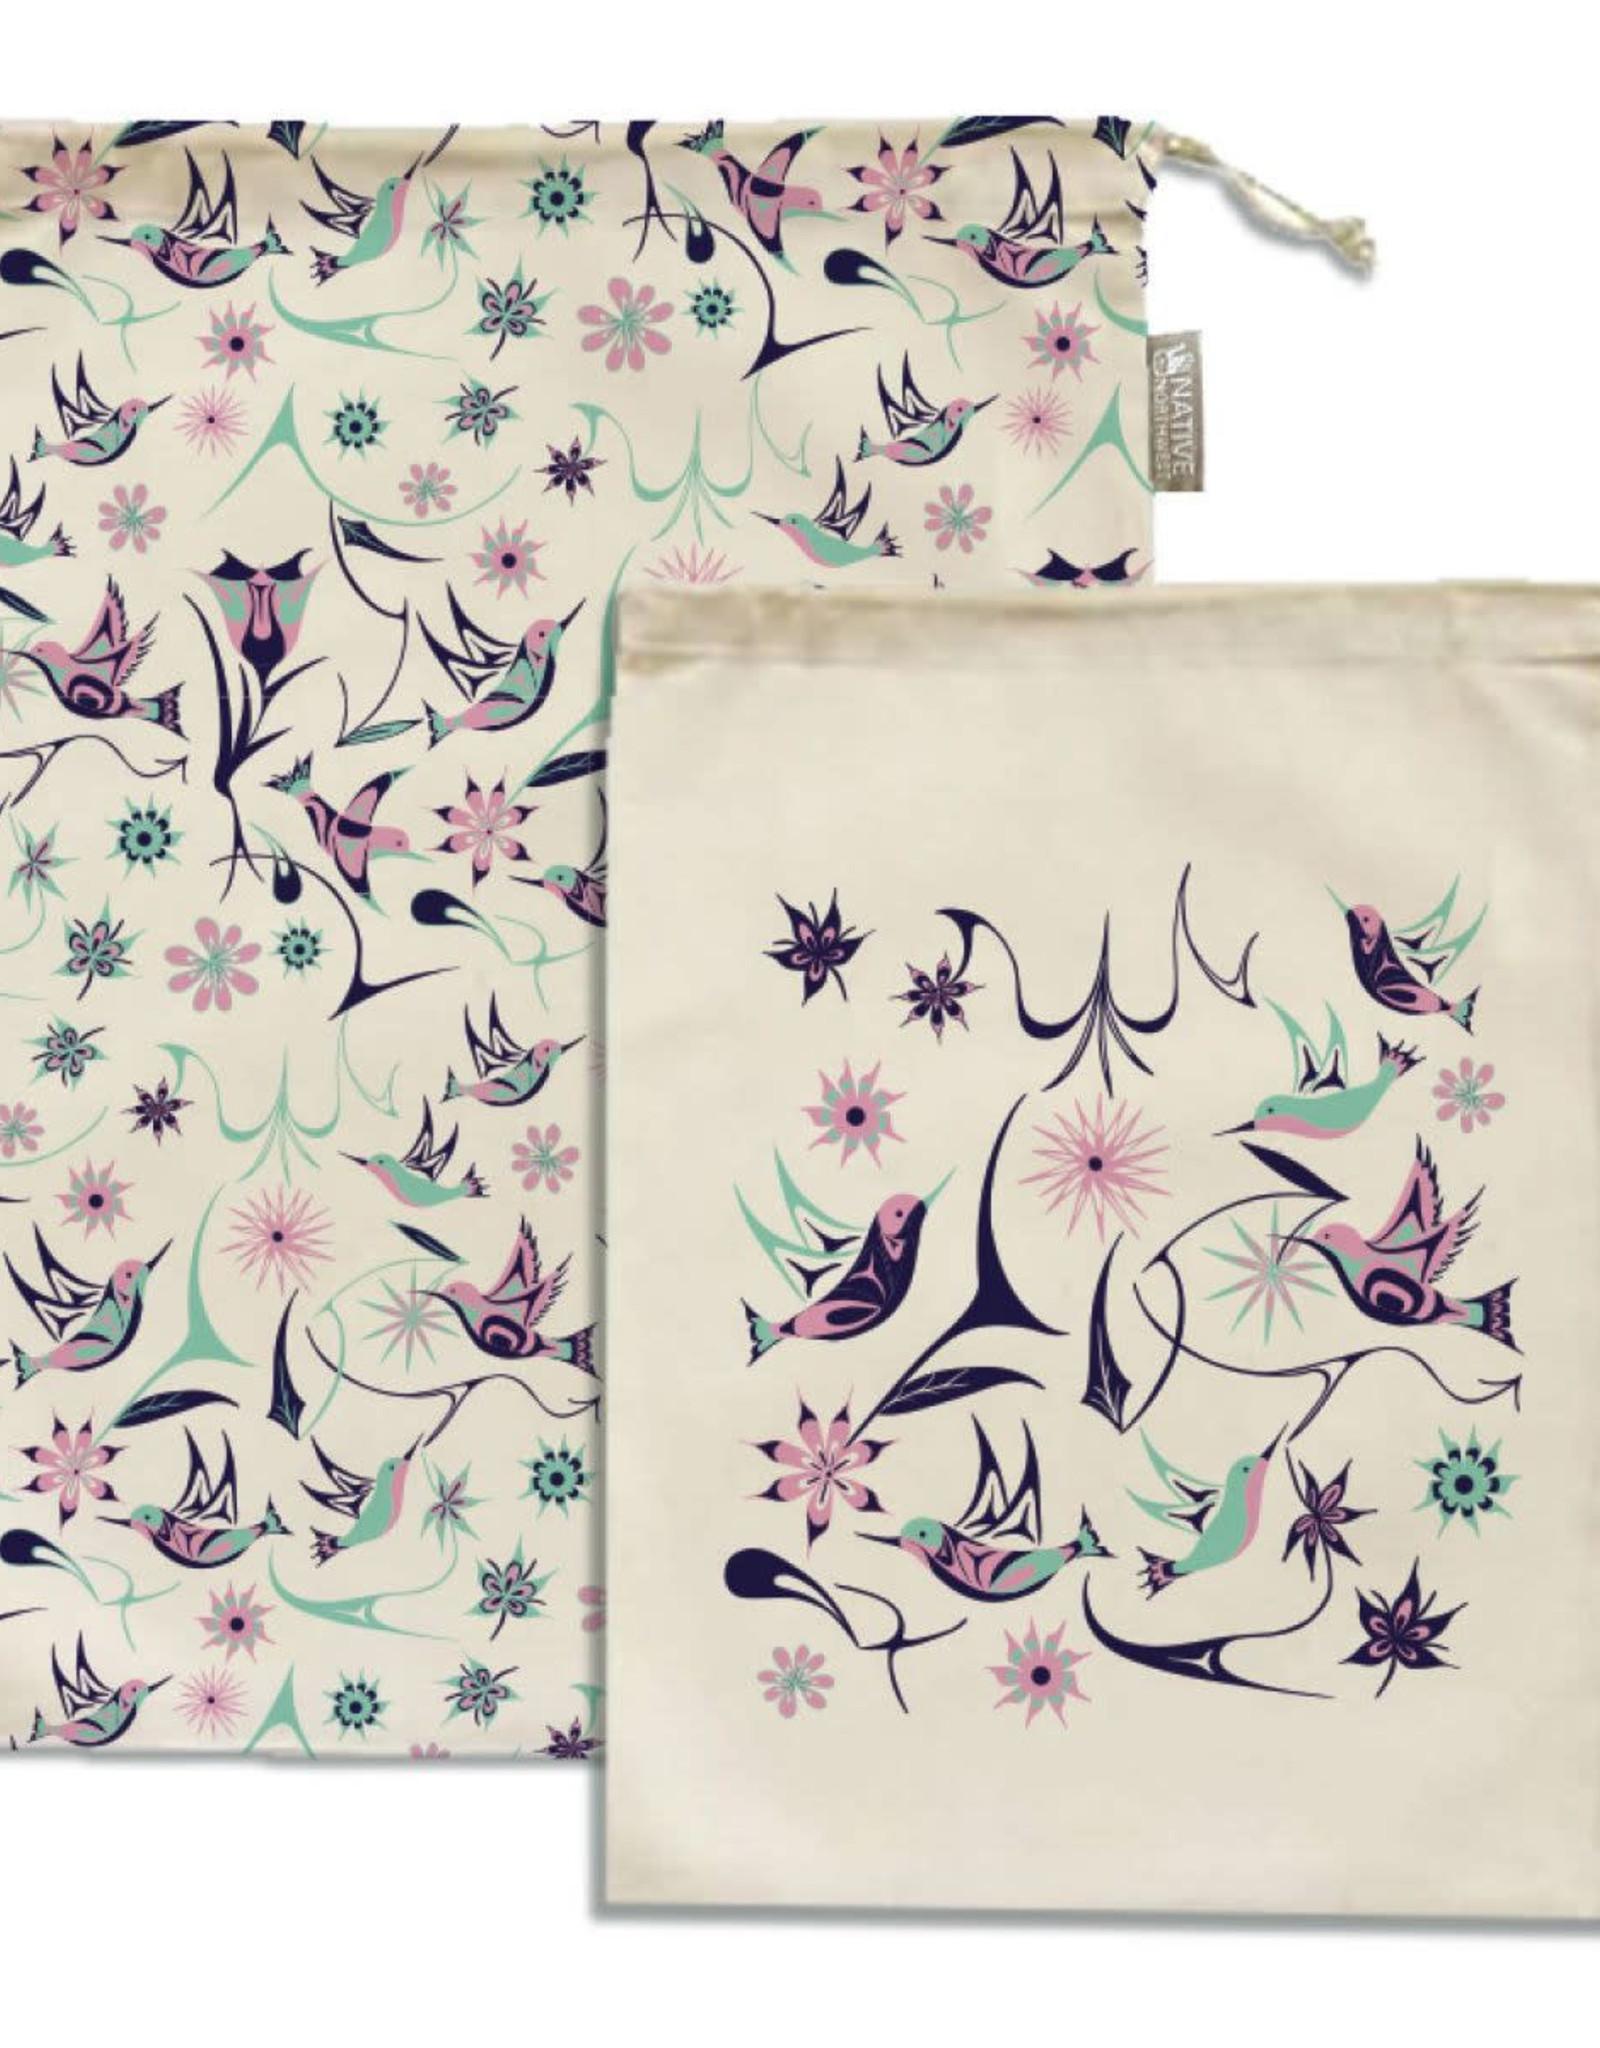 Reusable Produce Bags - Hummingbird by Nikki LaRock